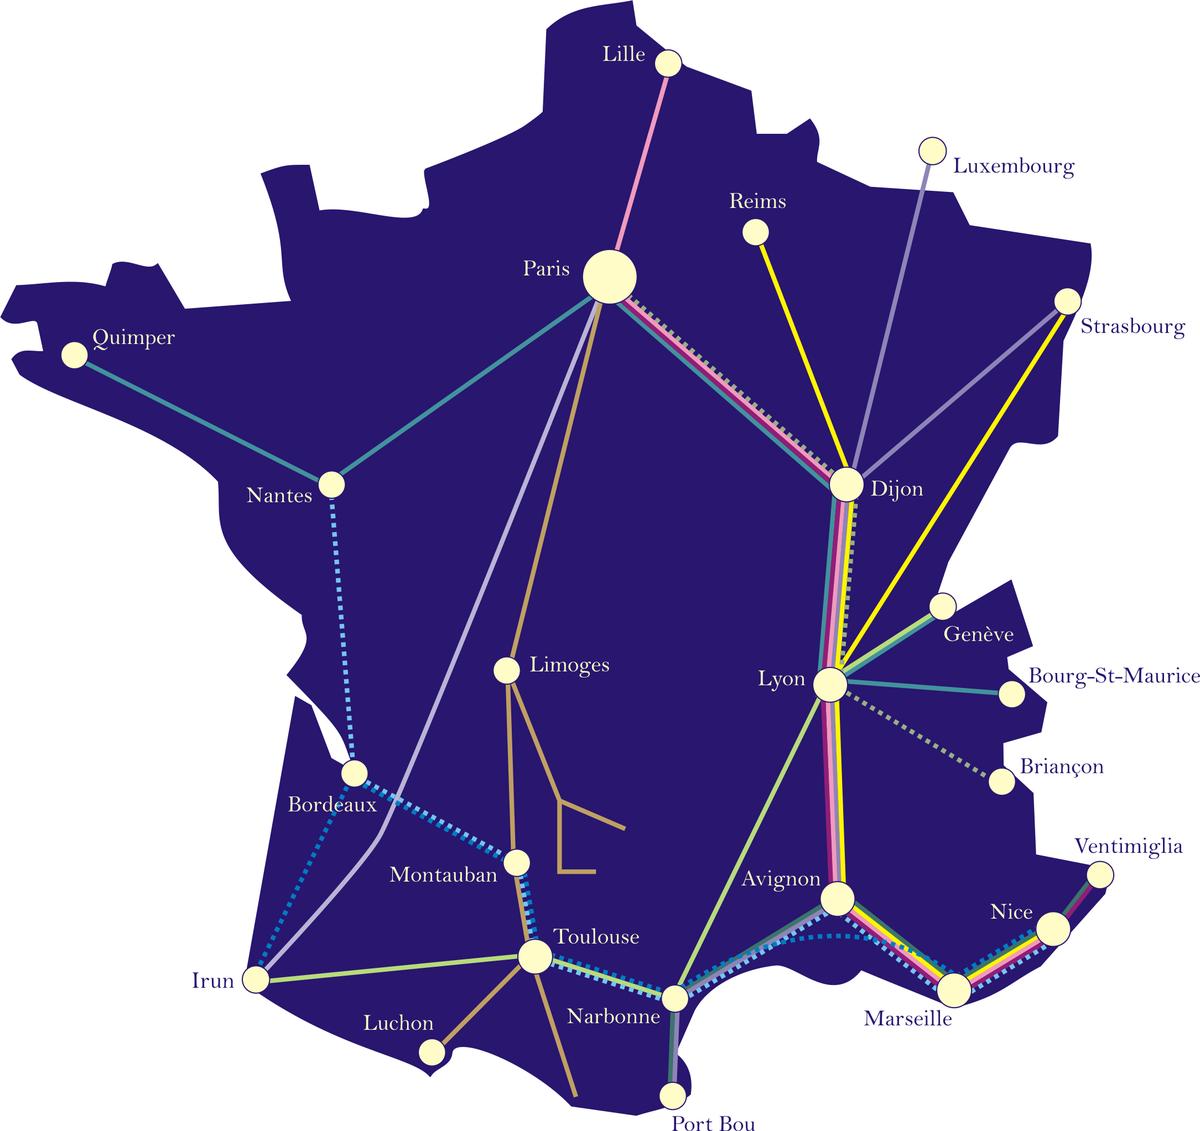 Carte du réseau de trains de nuit français Lunéa en 2007 (Par MJSmit — Travail personnel, Domaine public, https://commons.wikimedia.org/w/index.php?curid=2558917)